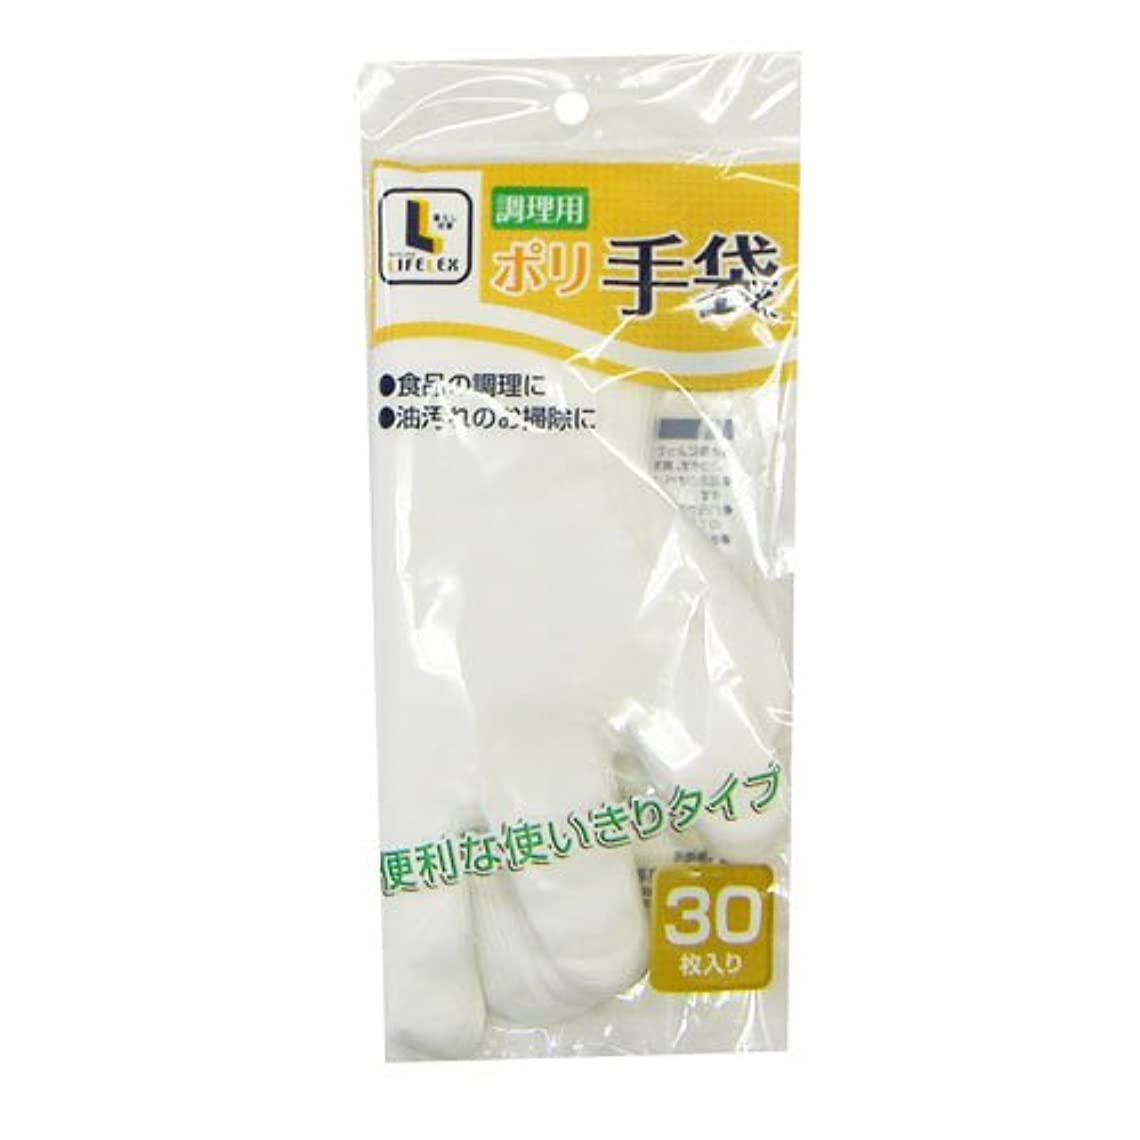 コーナンオリジナル 調理用ポリ手袋 30枚入 KHD05-7510